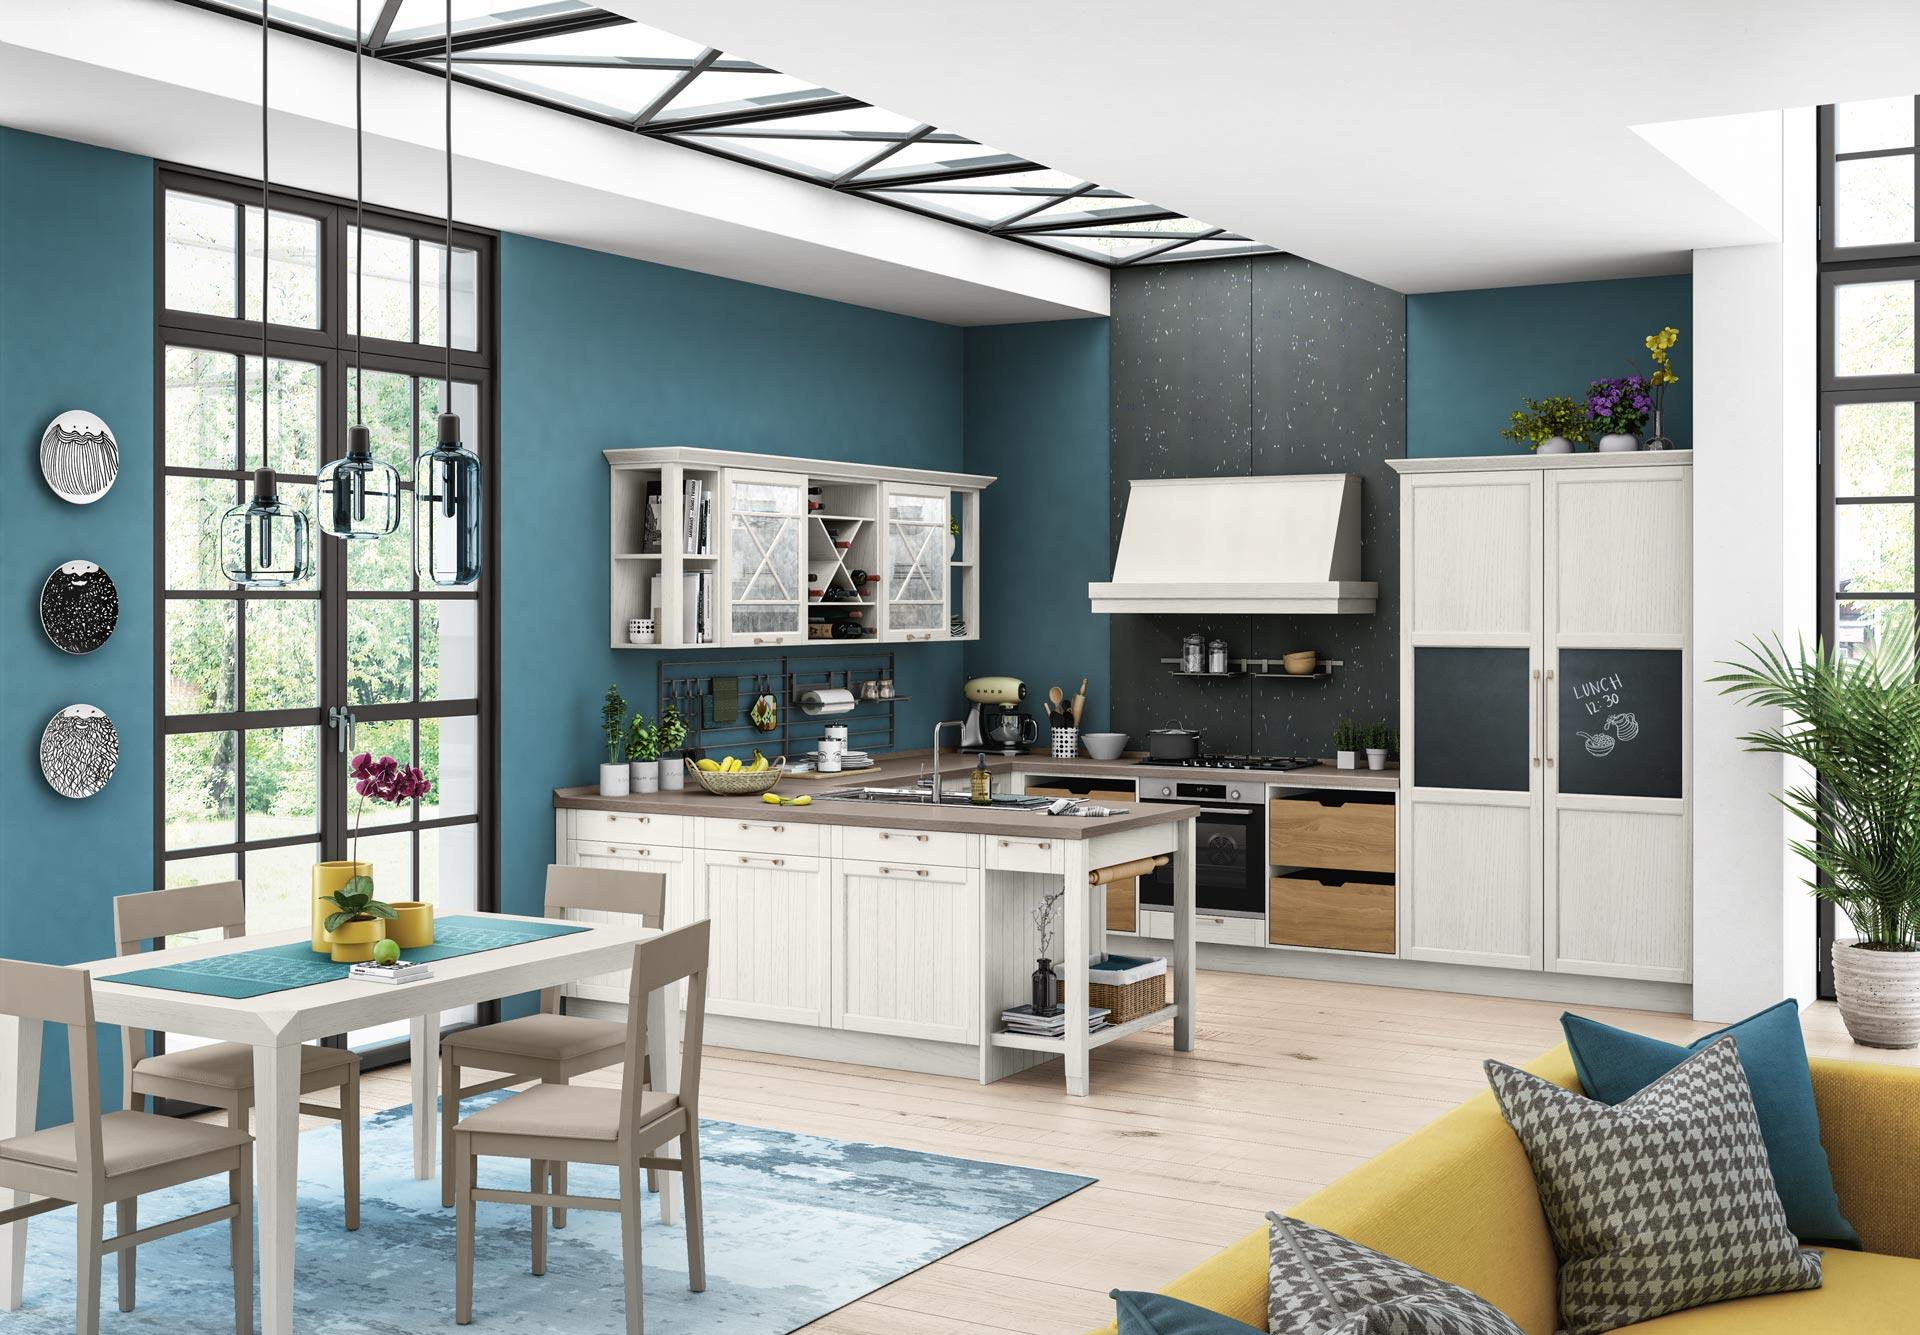 Arredare Mensole Soggiorno come arredare il soggiorno? | arredare la cucina